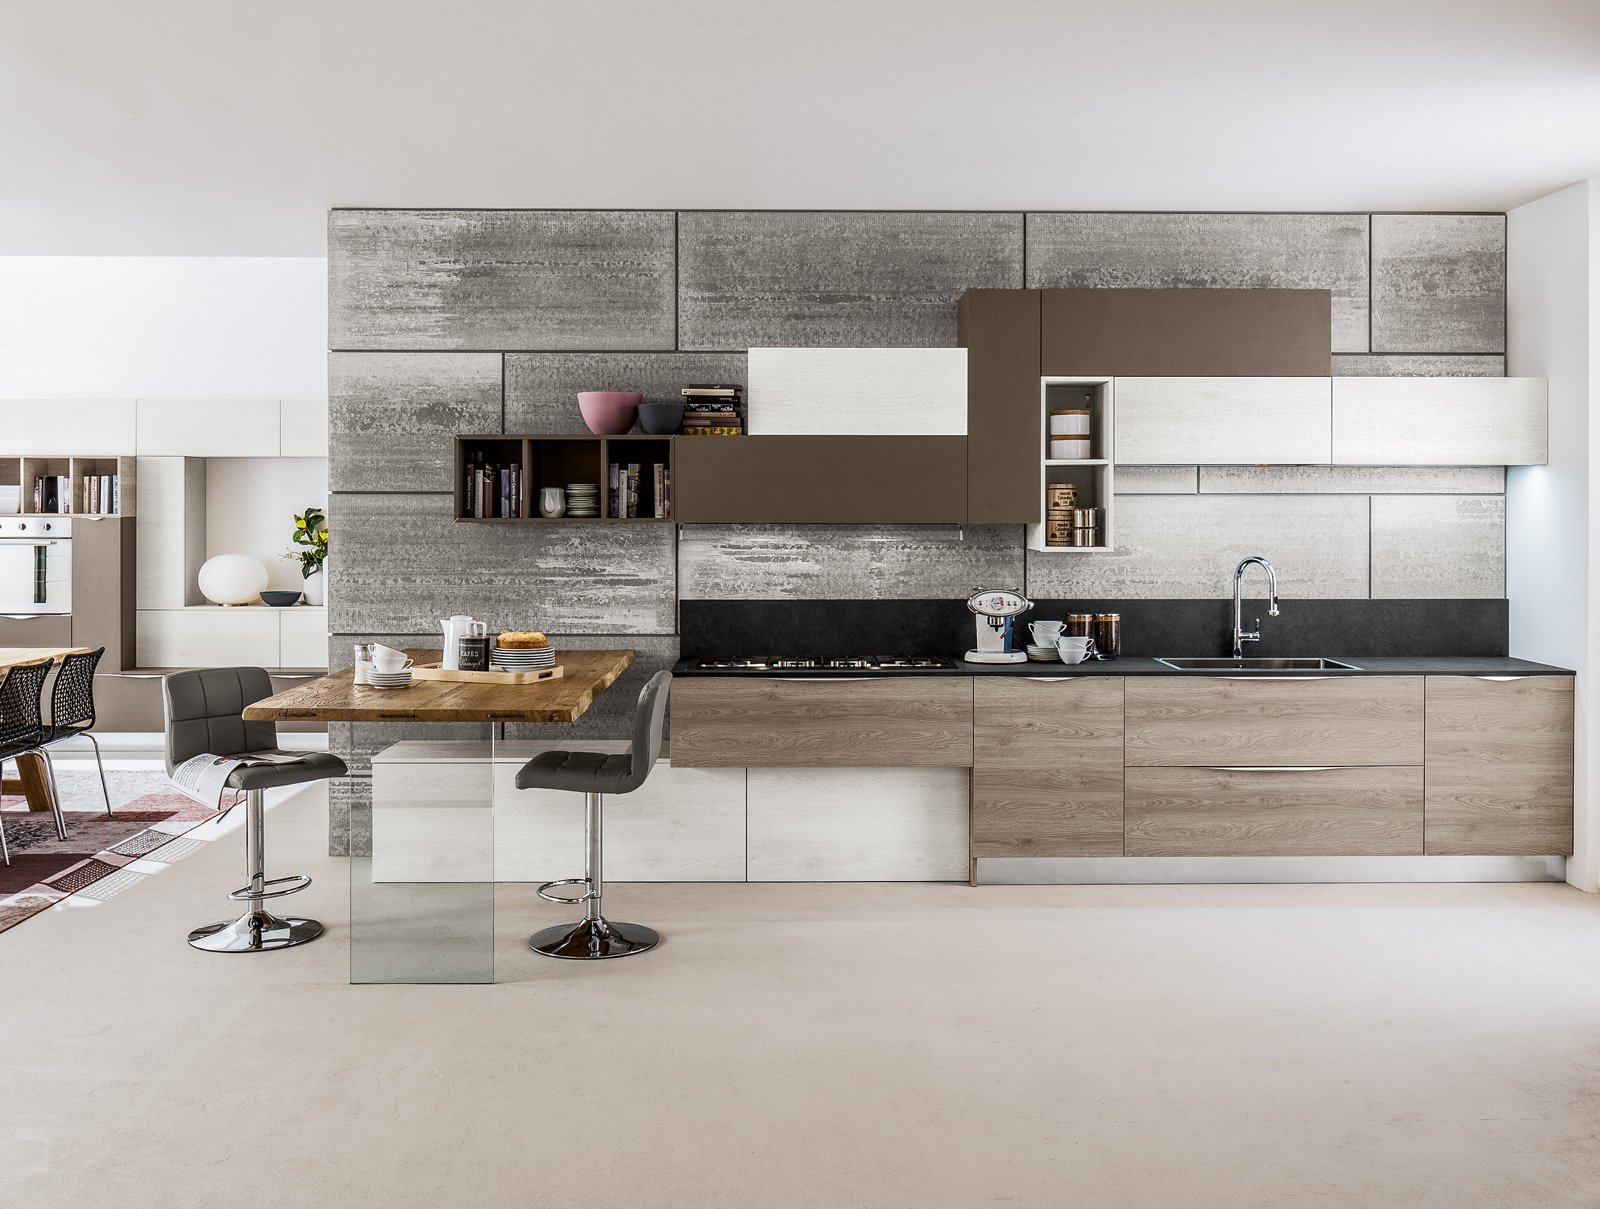 Cucine Da 3 Metri Con Lavastoviglie: Cucine. Cucine composizioni ...